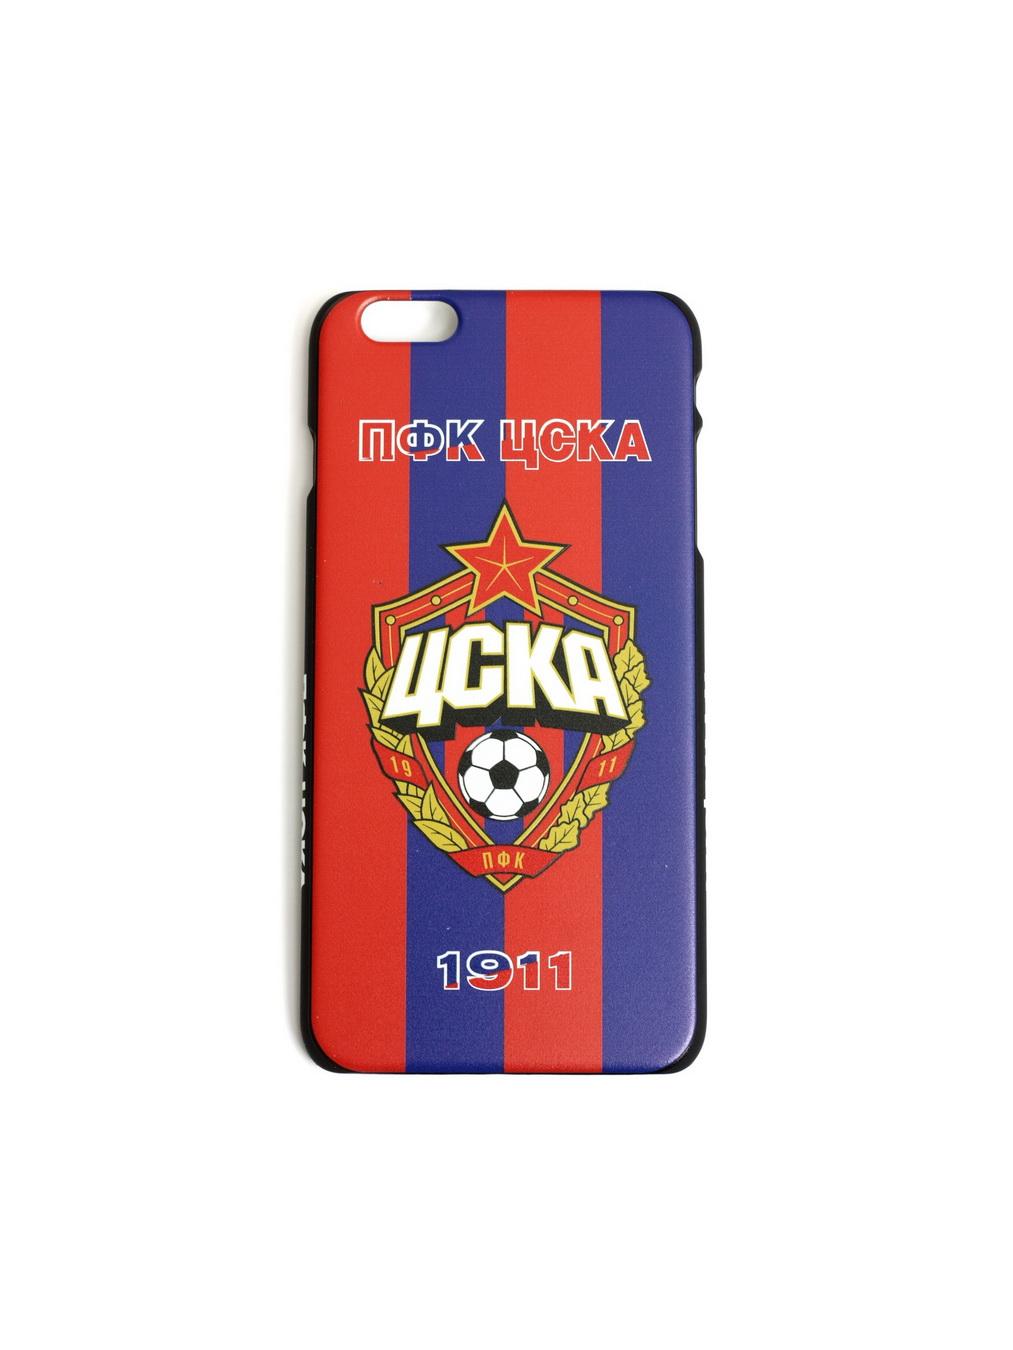 Клип-кейс ПФК ЦСКА 1911 для iPhone 6+ красно-синий фото